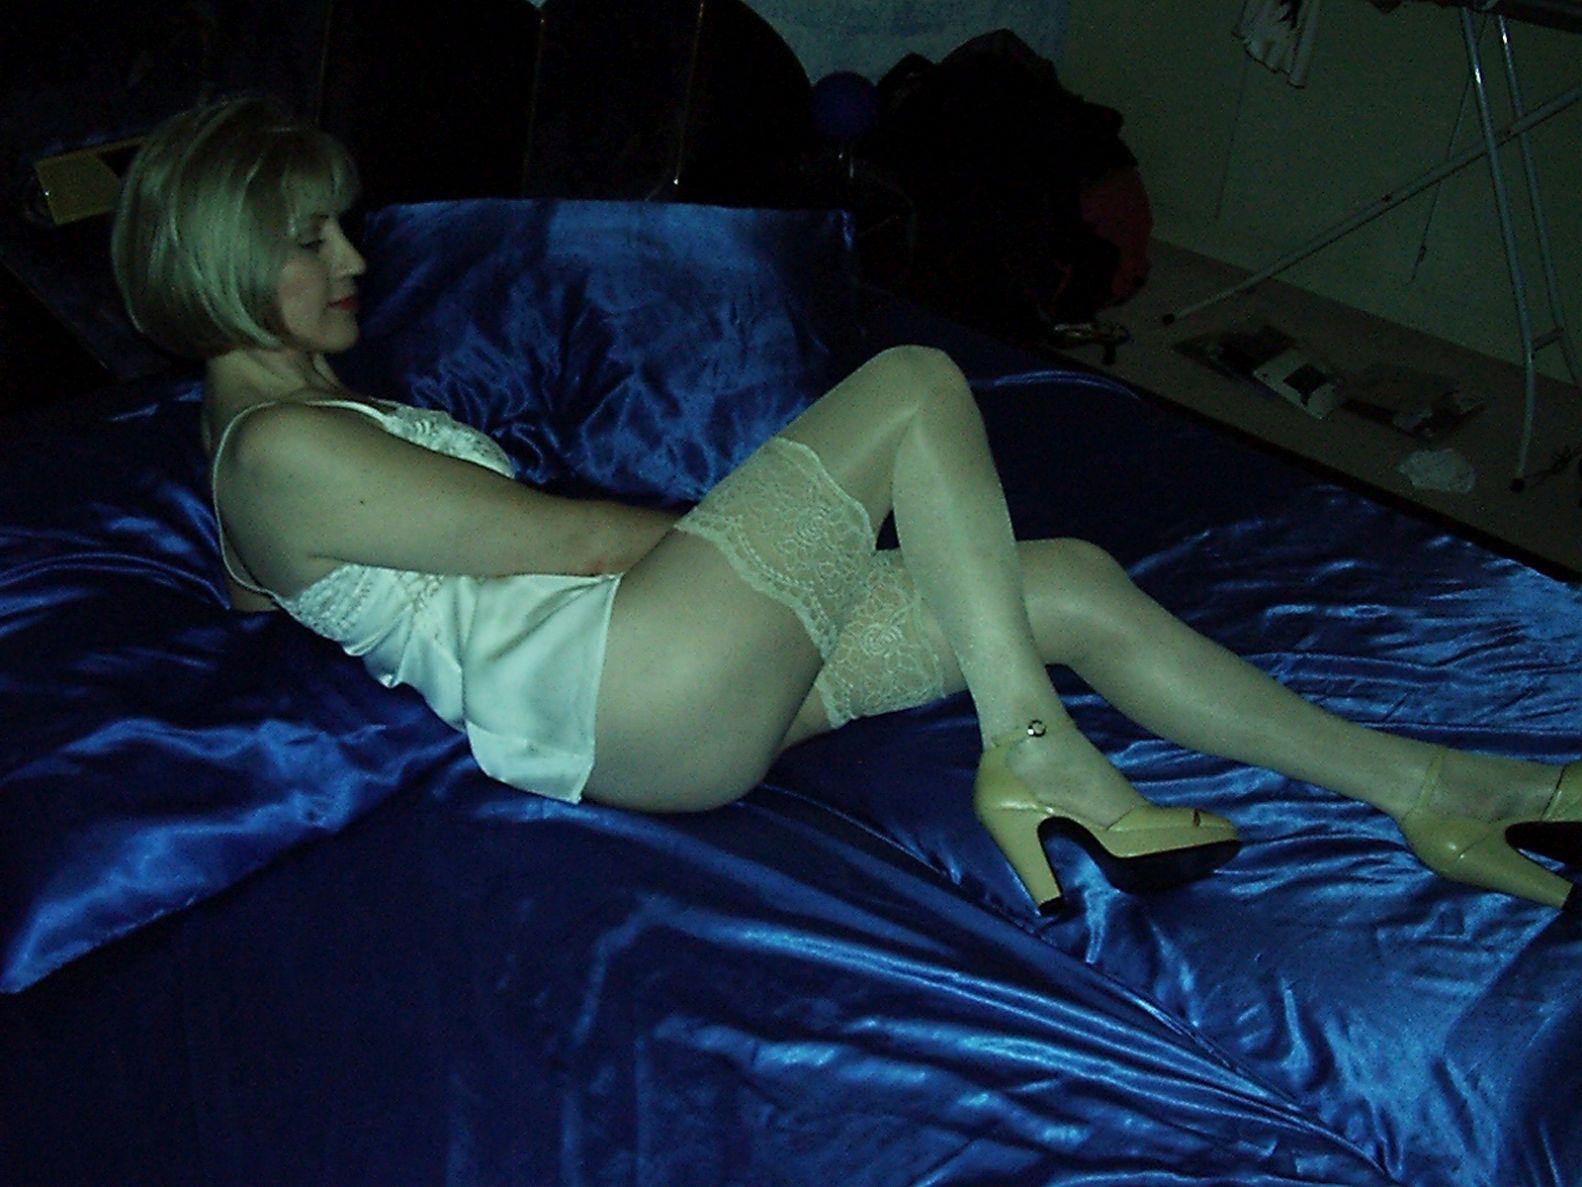 passende Sexkontaktanzeigen finden